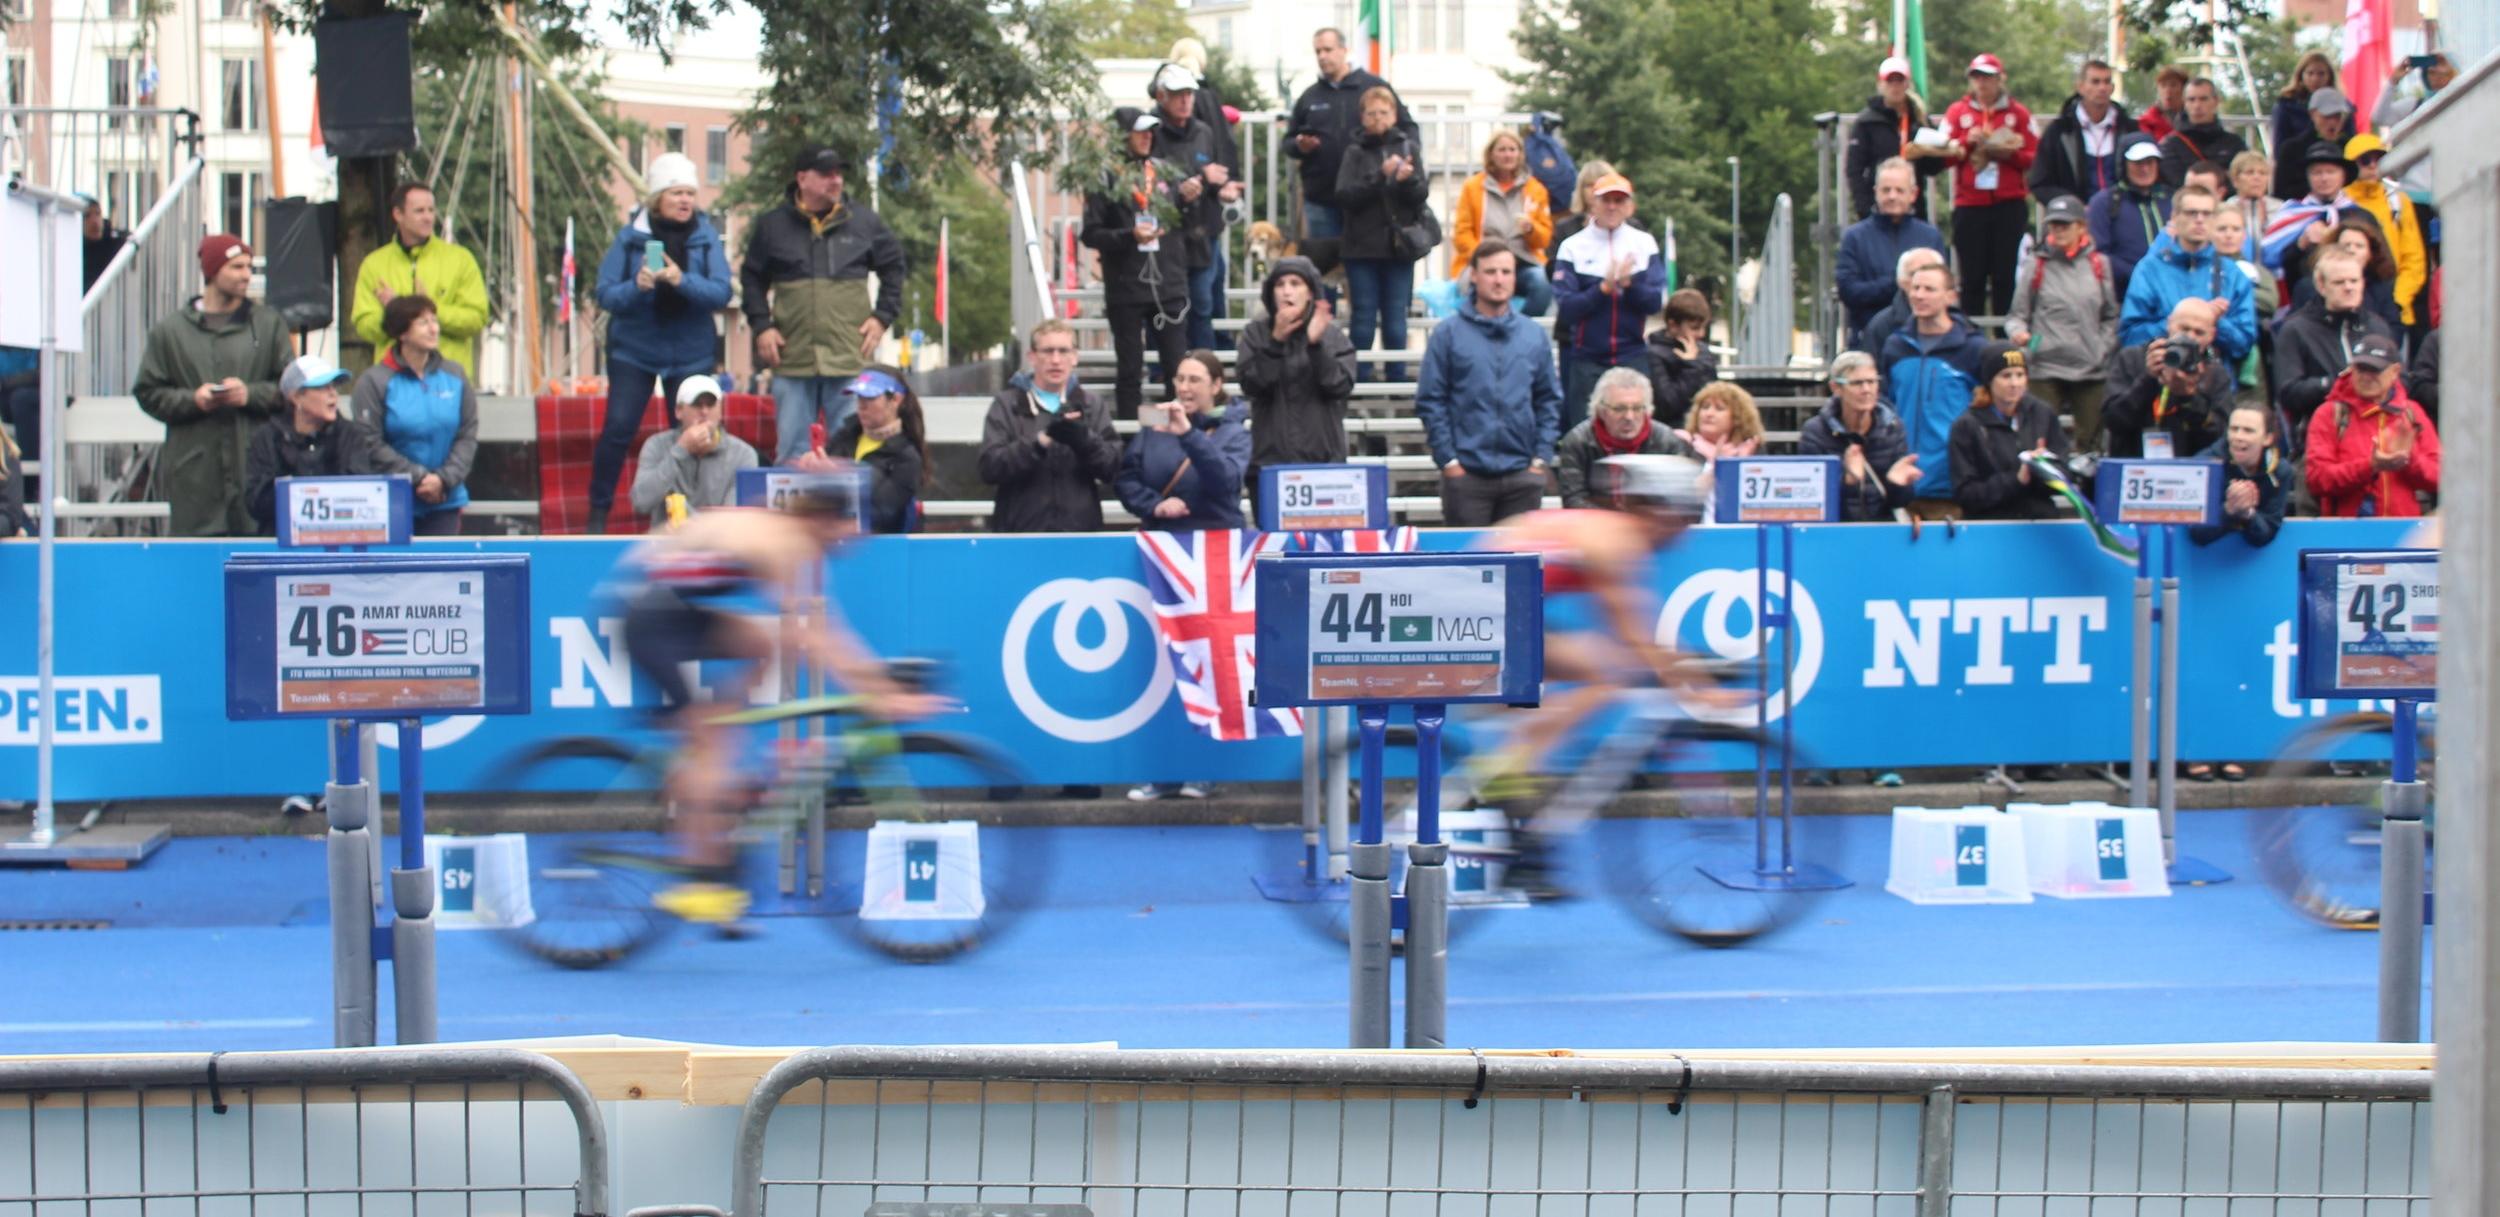 International Triathlon Union Grand Final